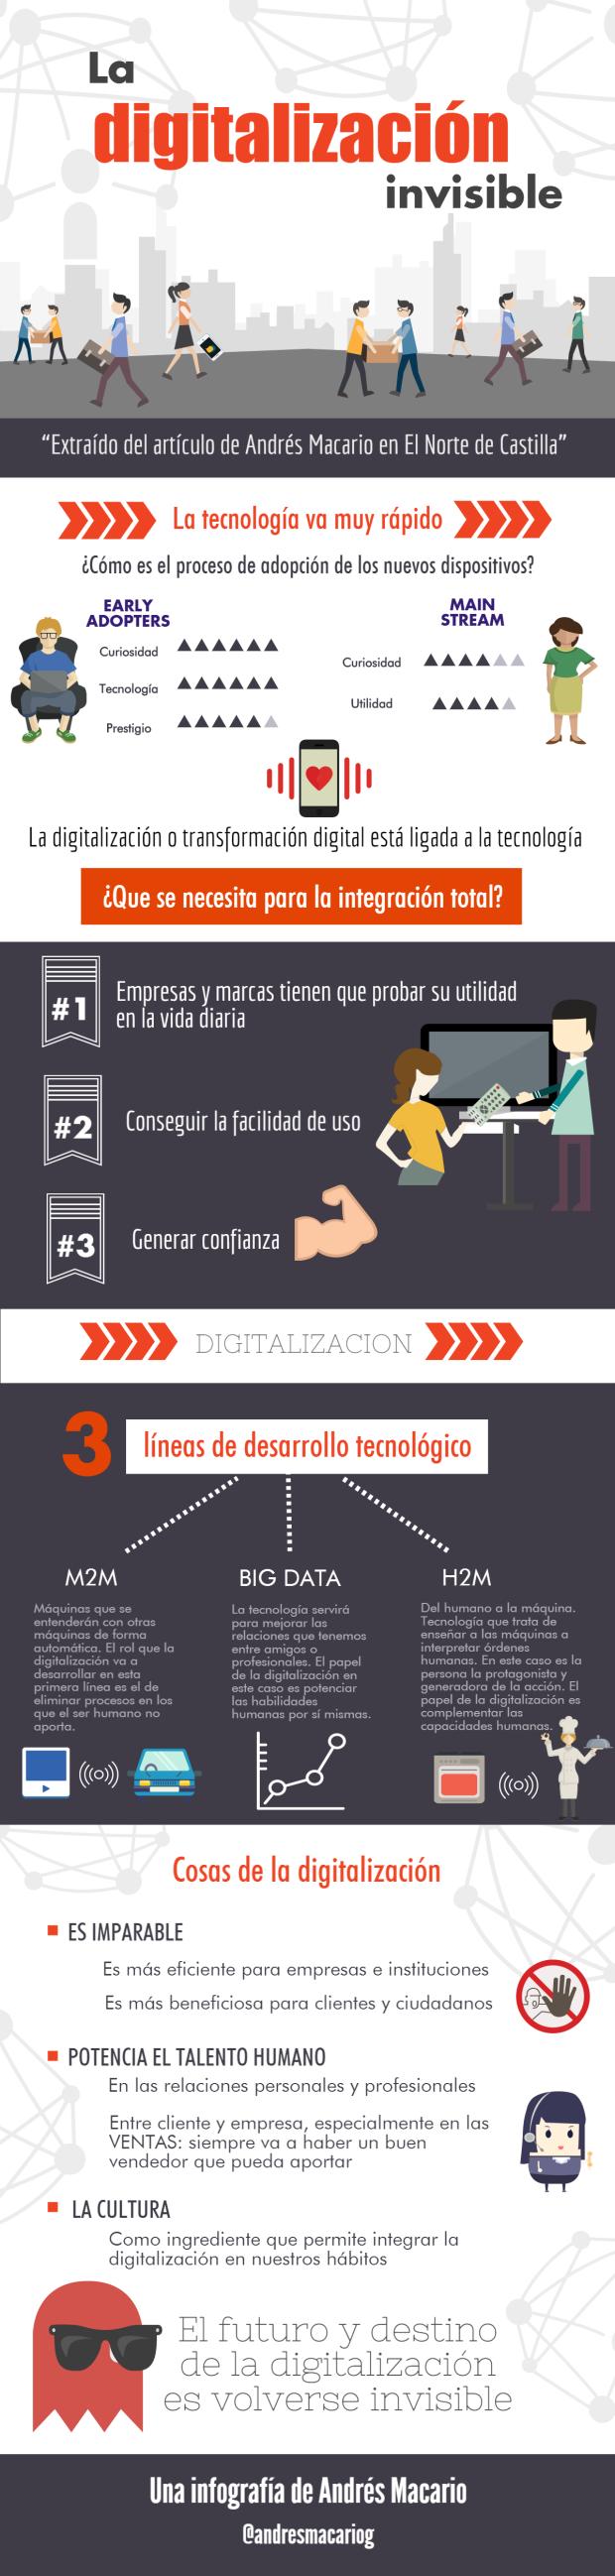 La digitalizacion invisible-infografia Andres Macario